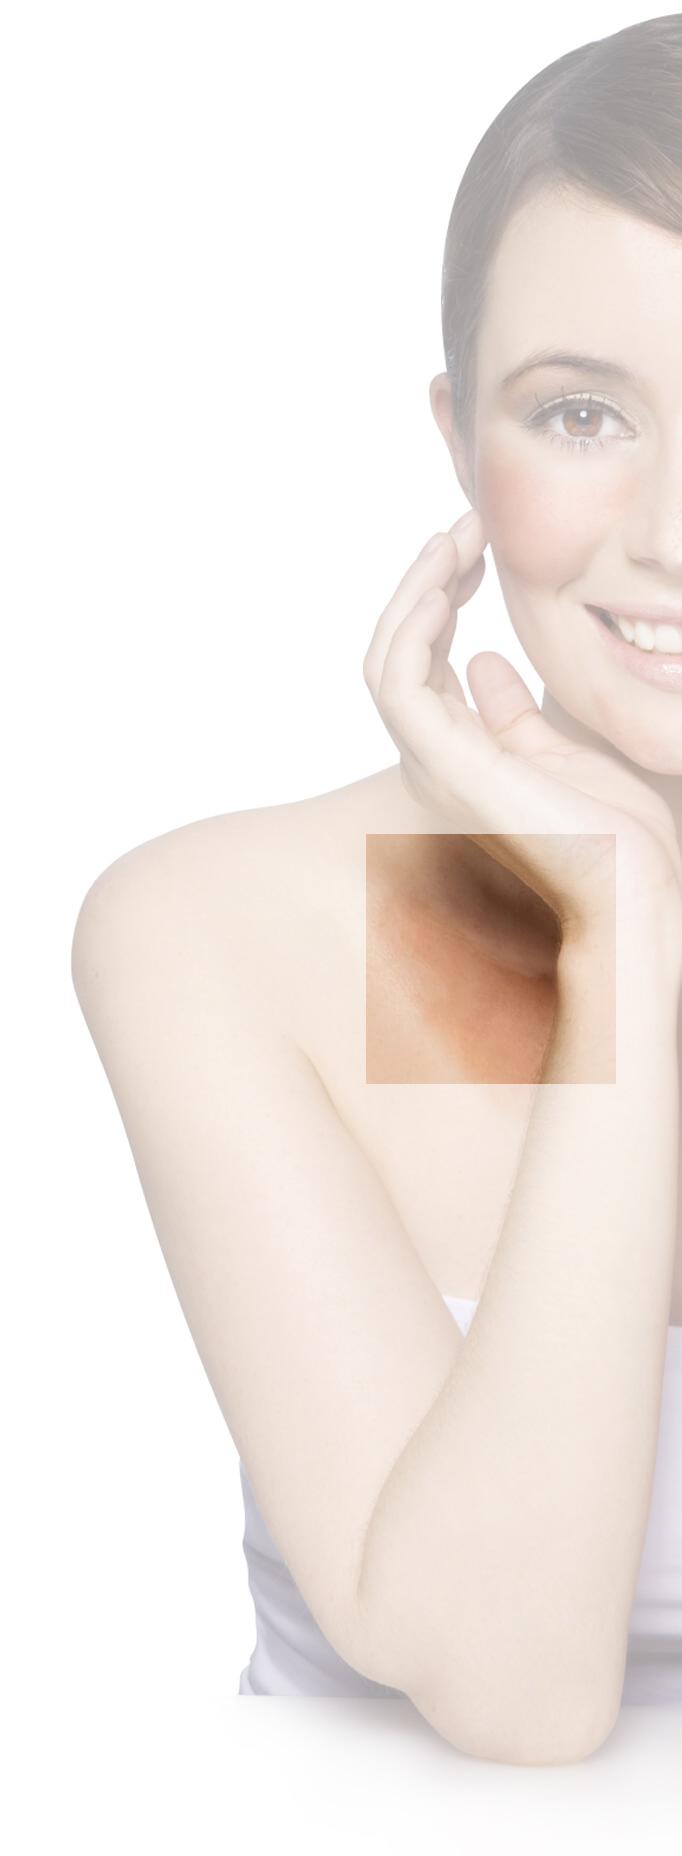 d-vitamin a pikkelysmr kezelsben vörös foltok az arcon hasnyálmirigy